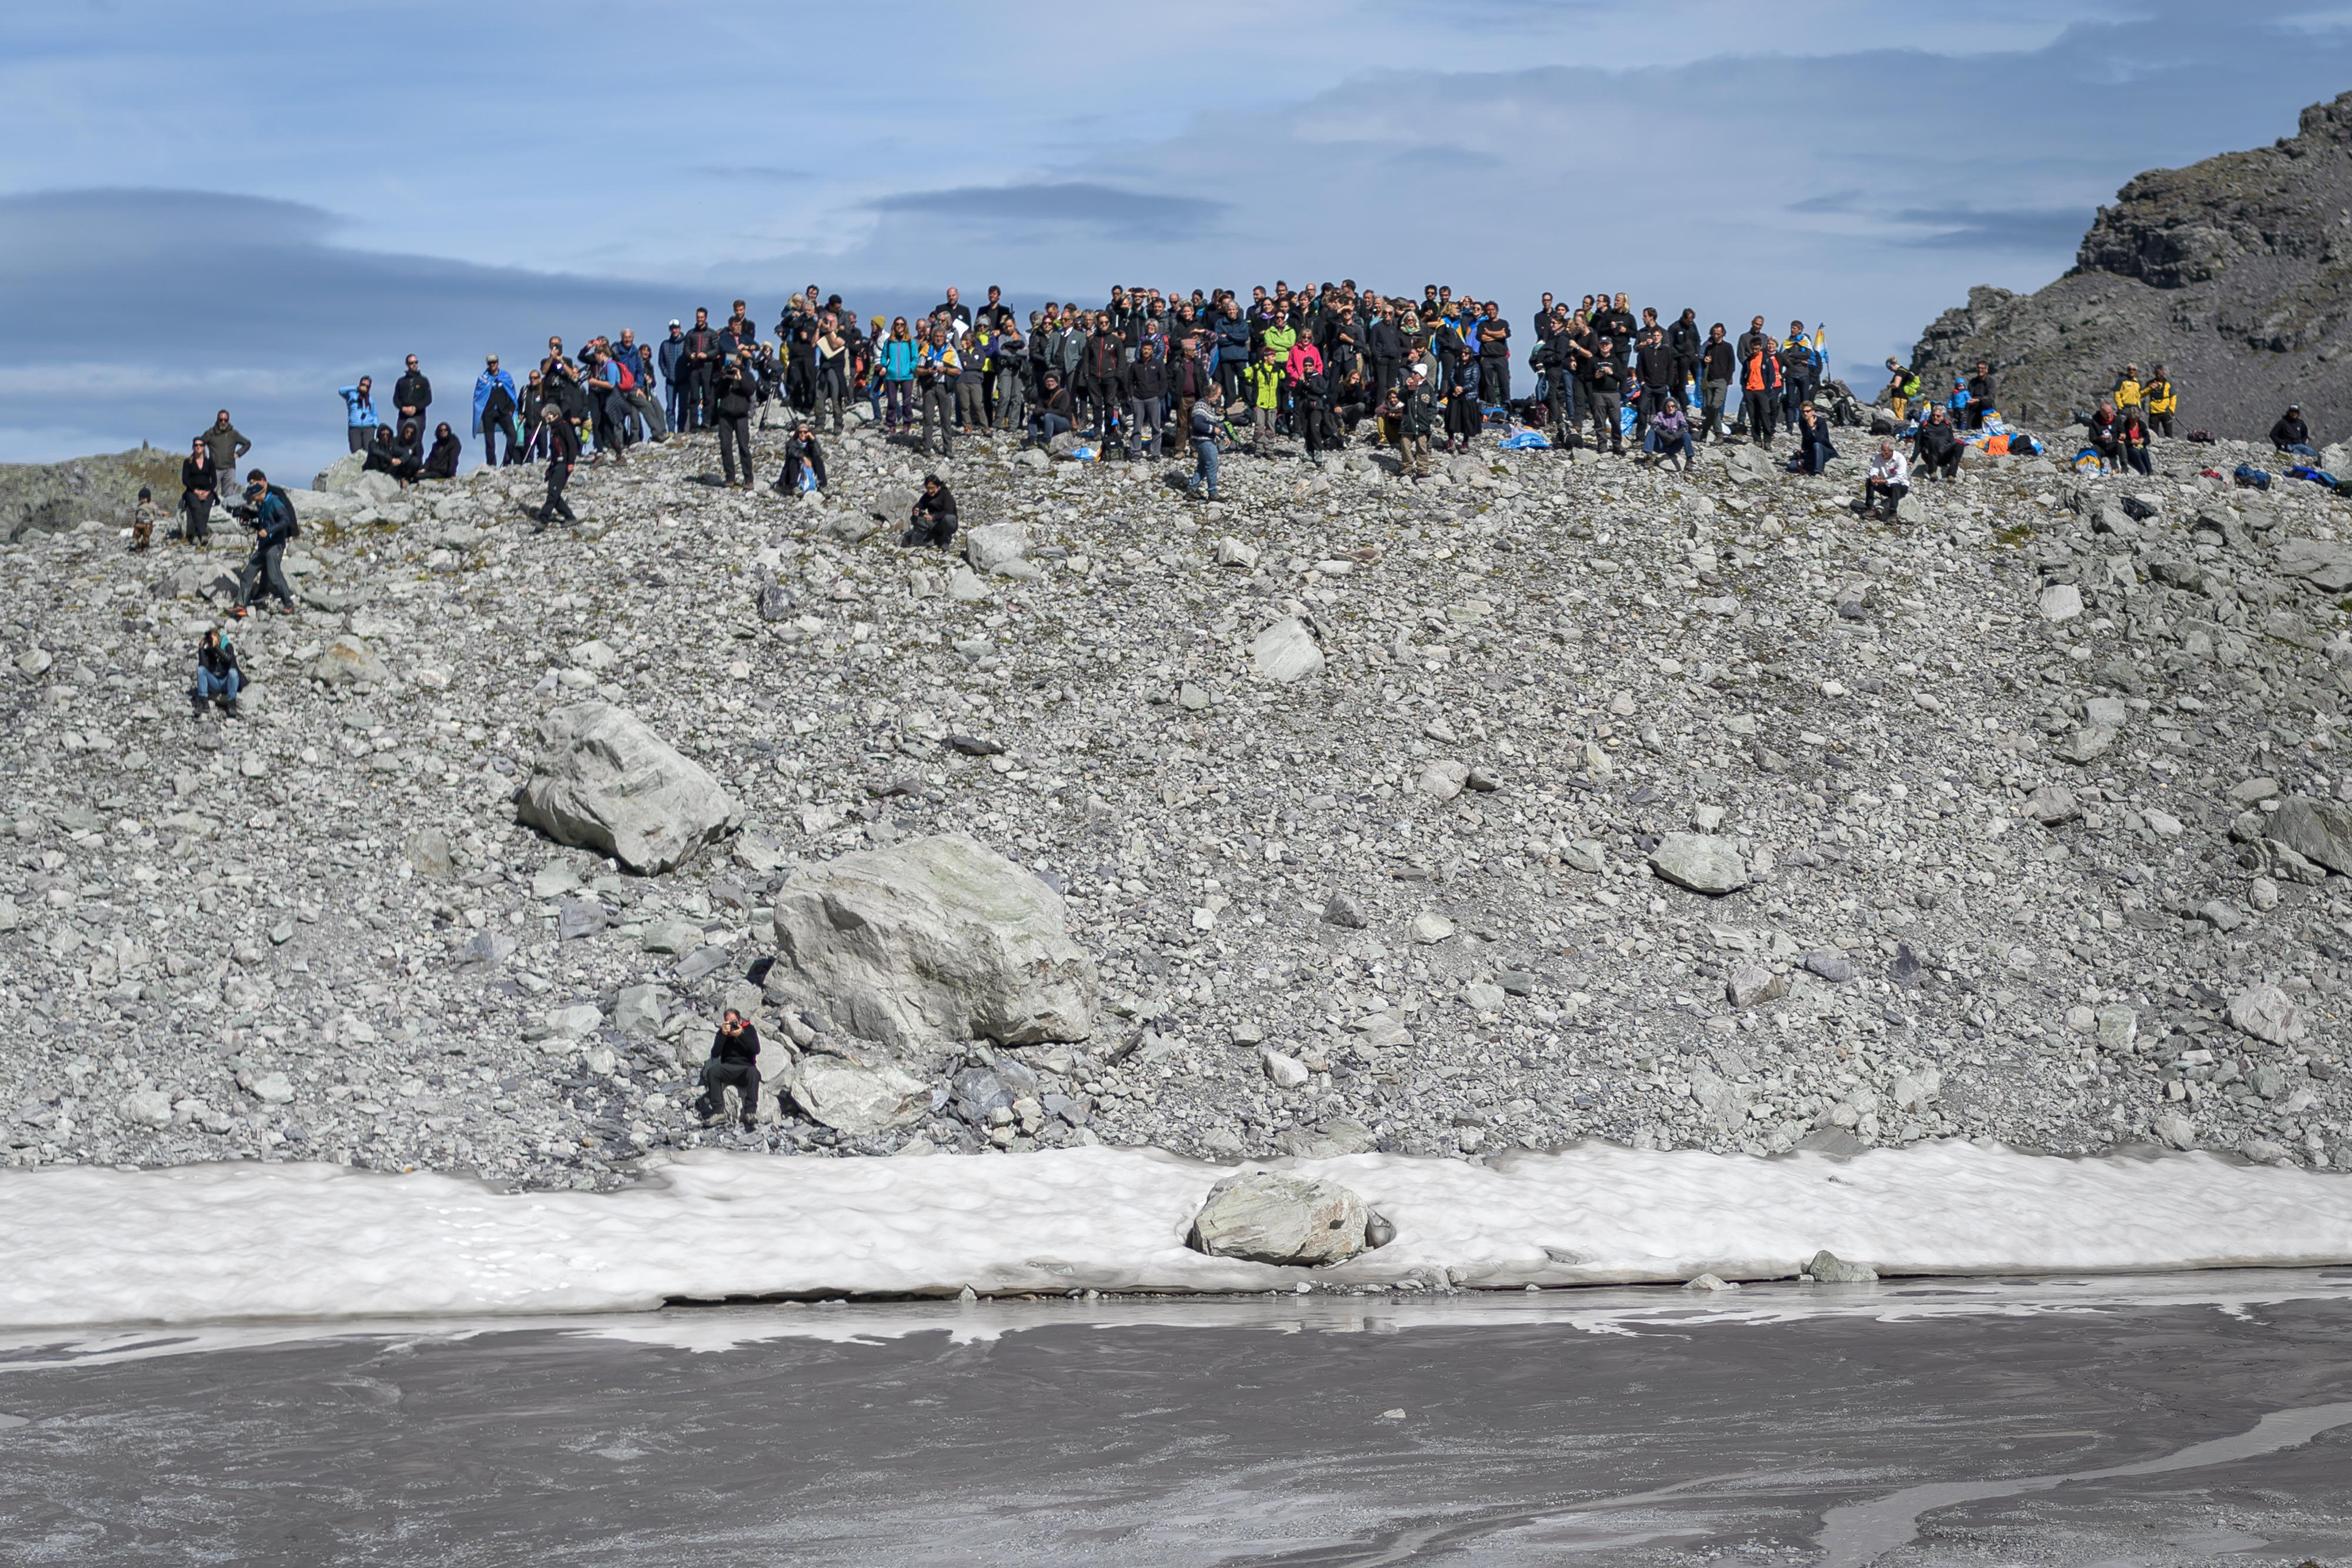 Alrededor de cien personas estuvieron presentes. (Foto por Fabrice COFFRINI / AFP)